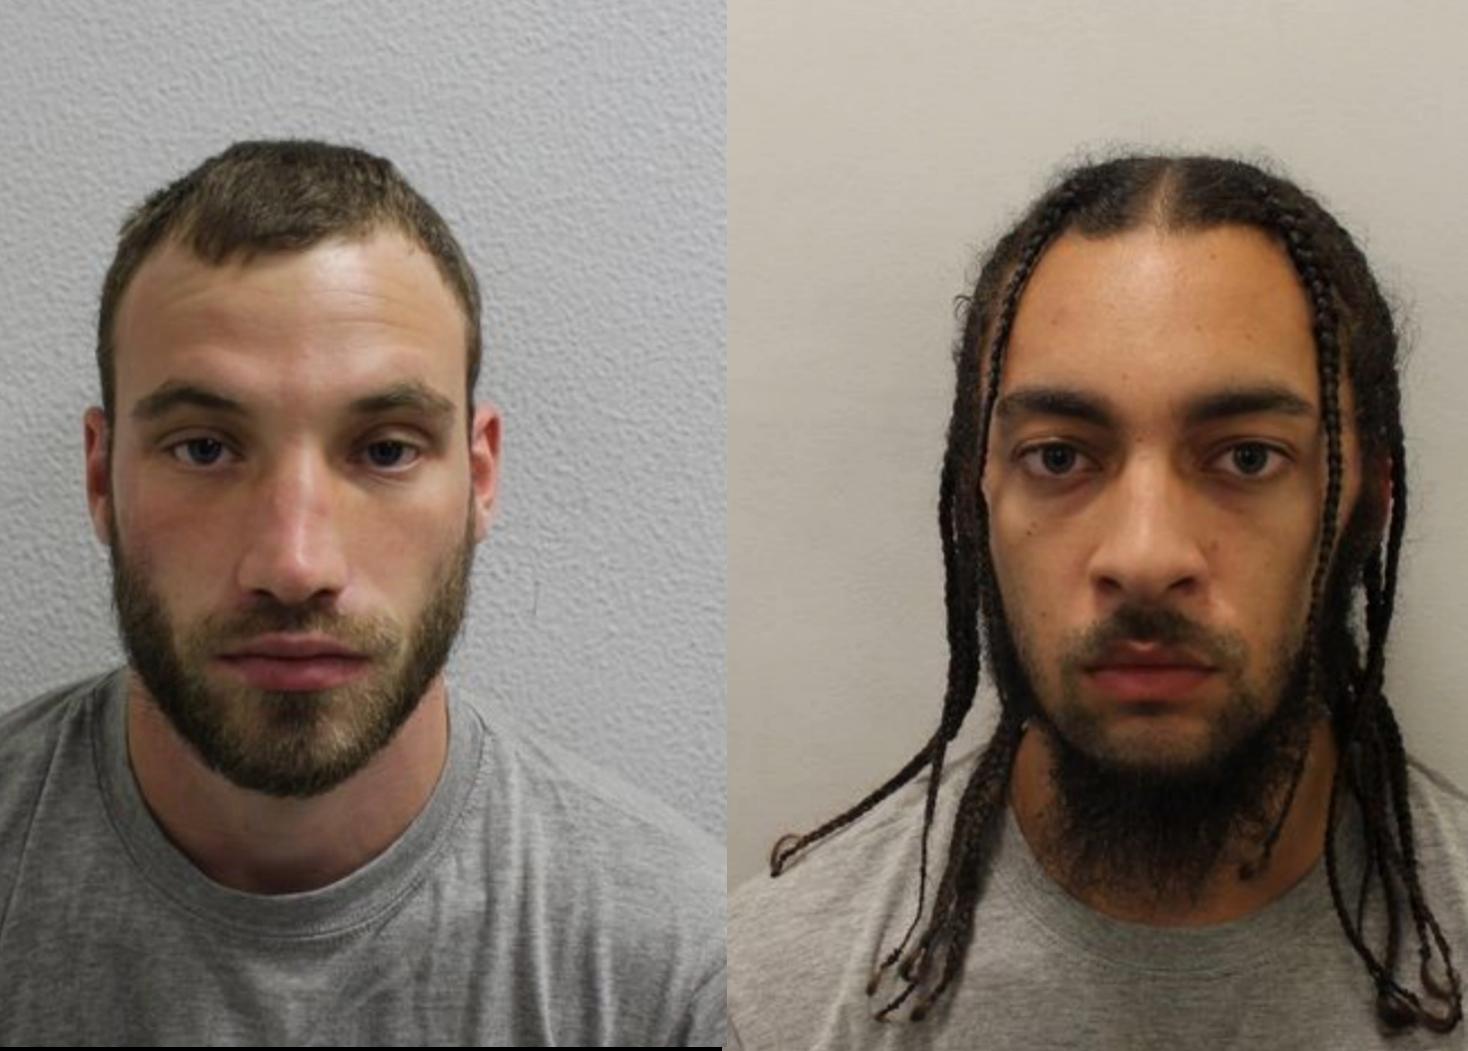 Killer cousins face life sentences